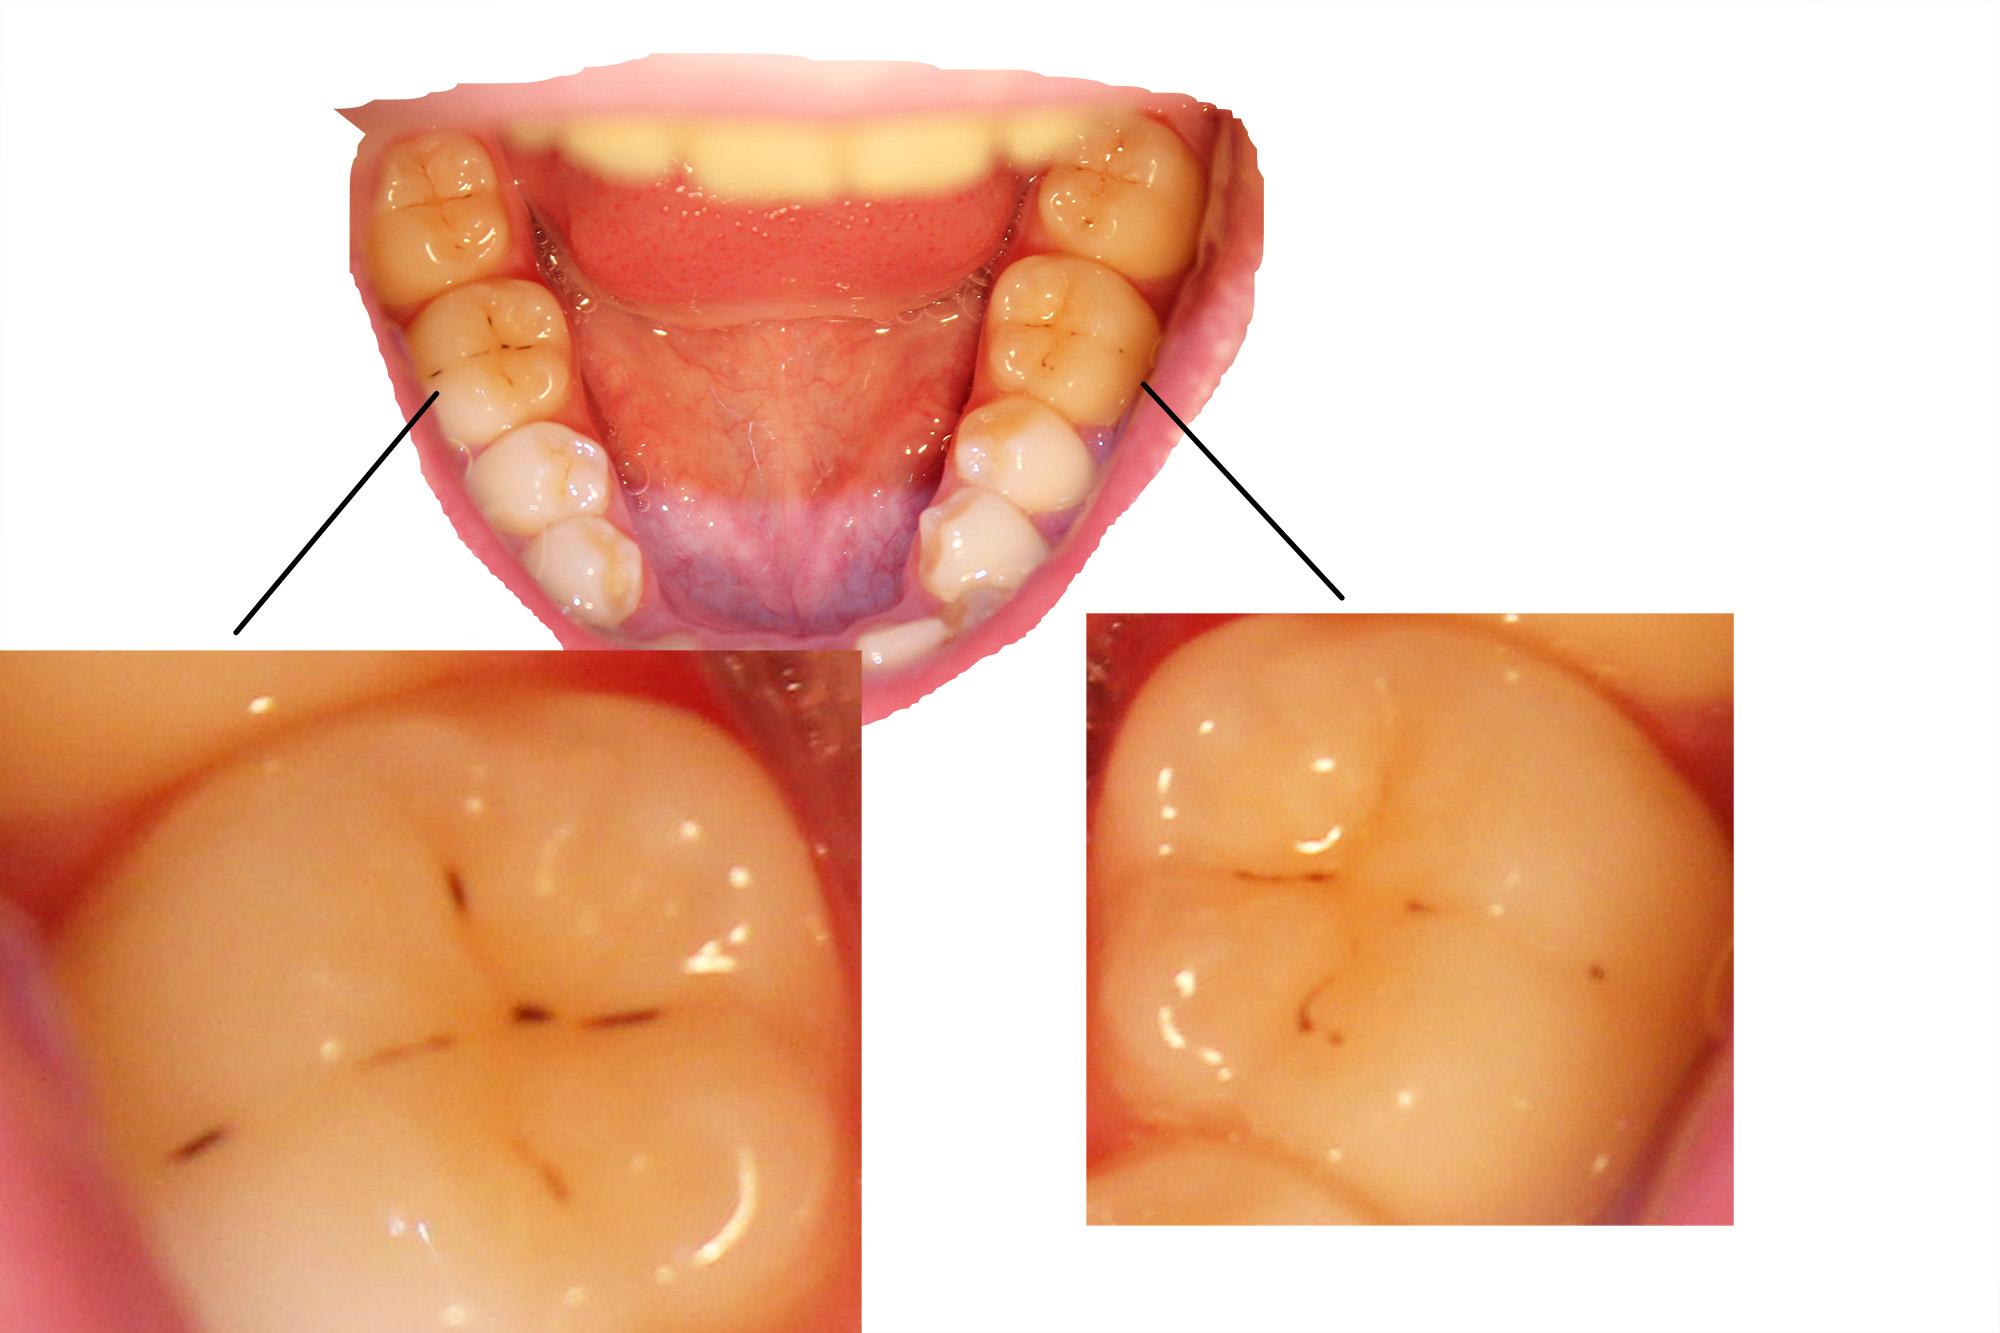 Petits Points Noirs Dent Problèmes Dentaires Forum Santé